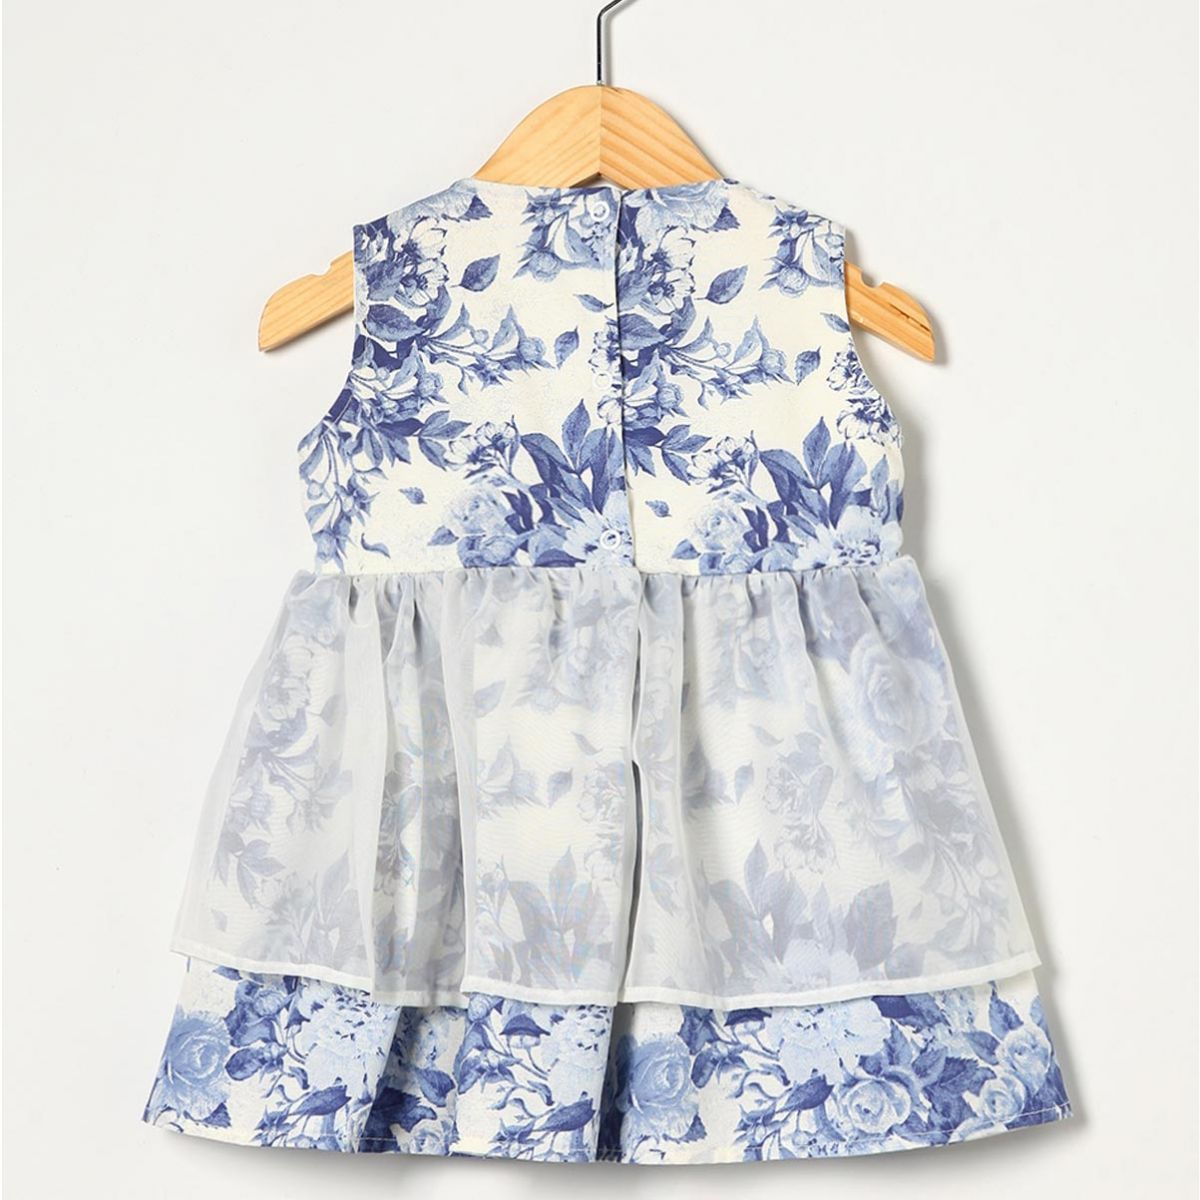 Vestido sem Manga com Laço Floral Azul Tecido Tricoline - Tamanho P